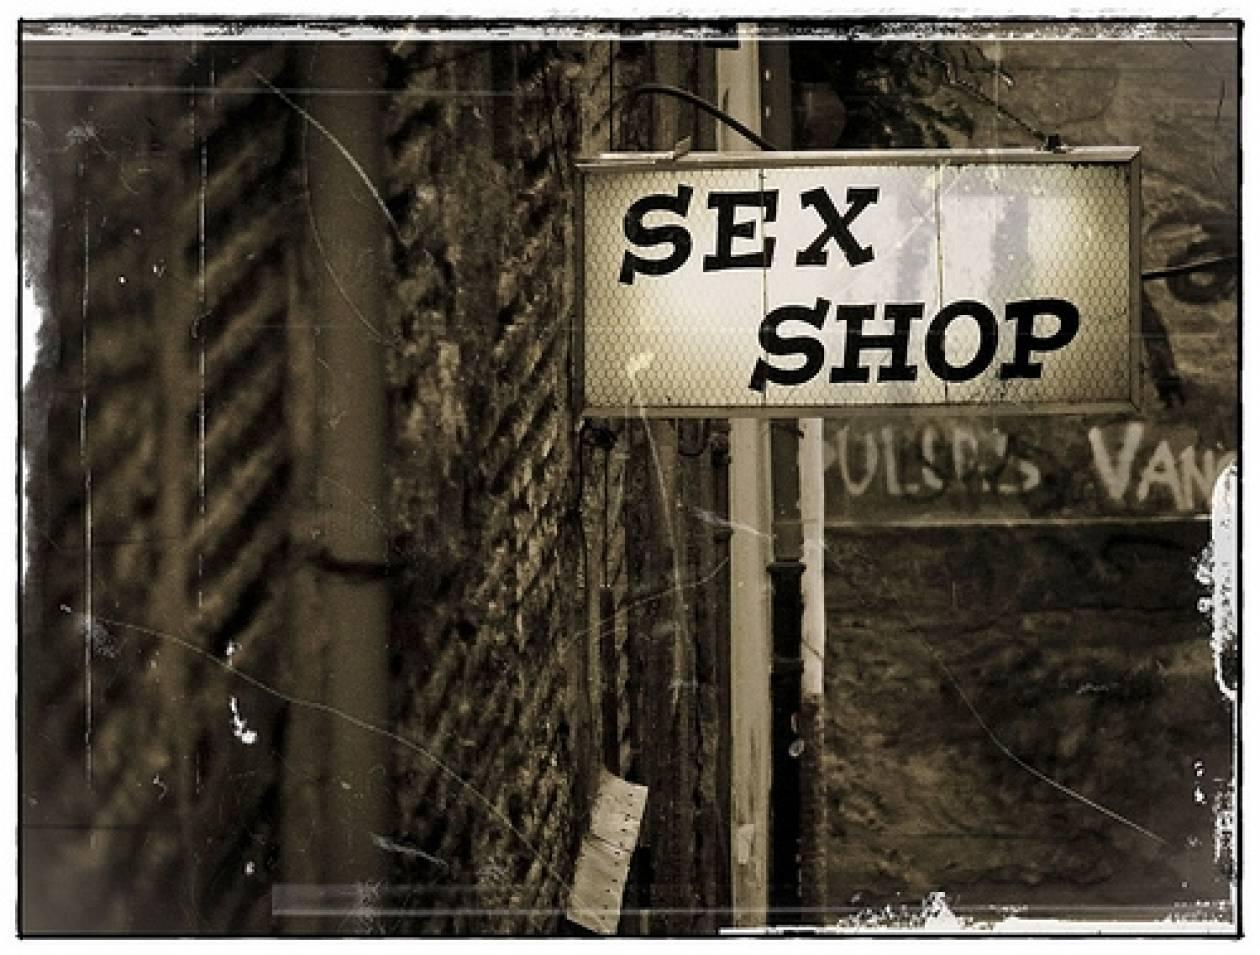 Ανέκδοτο: Στο sex shop